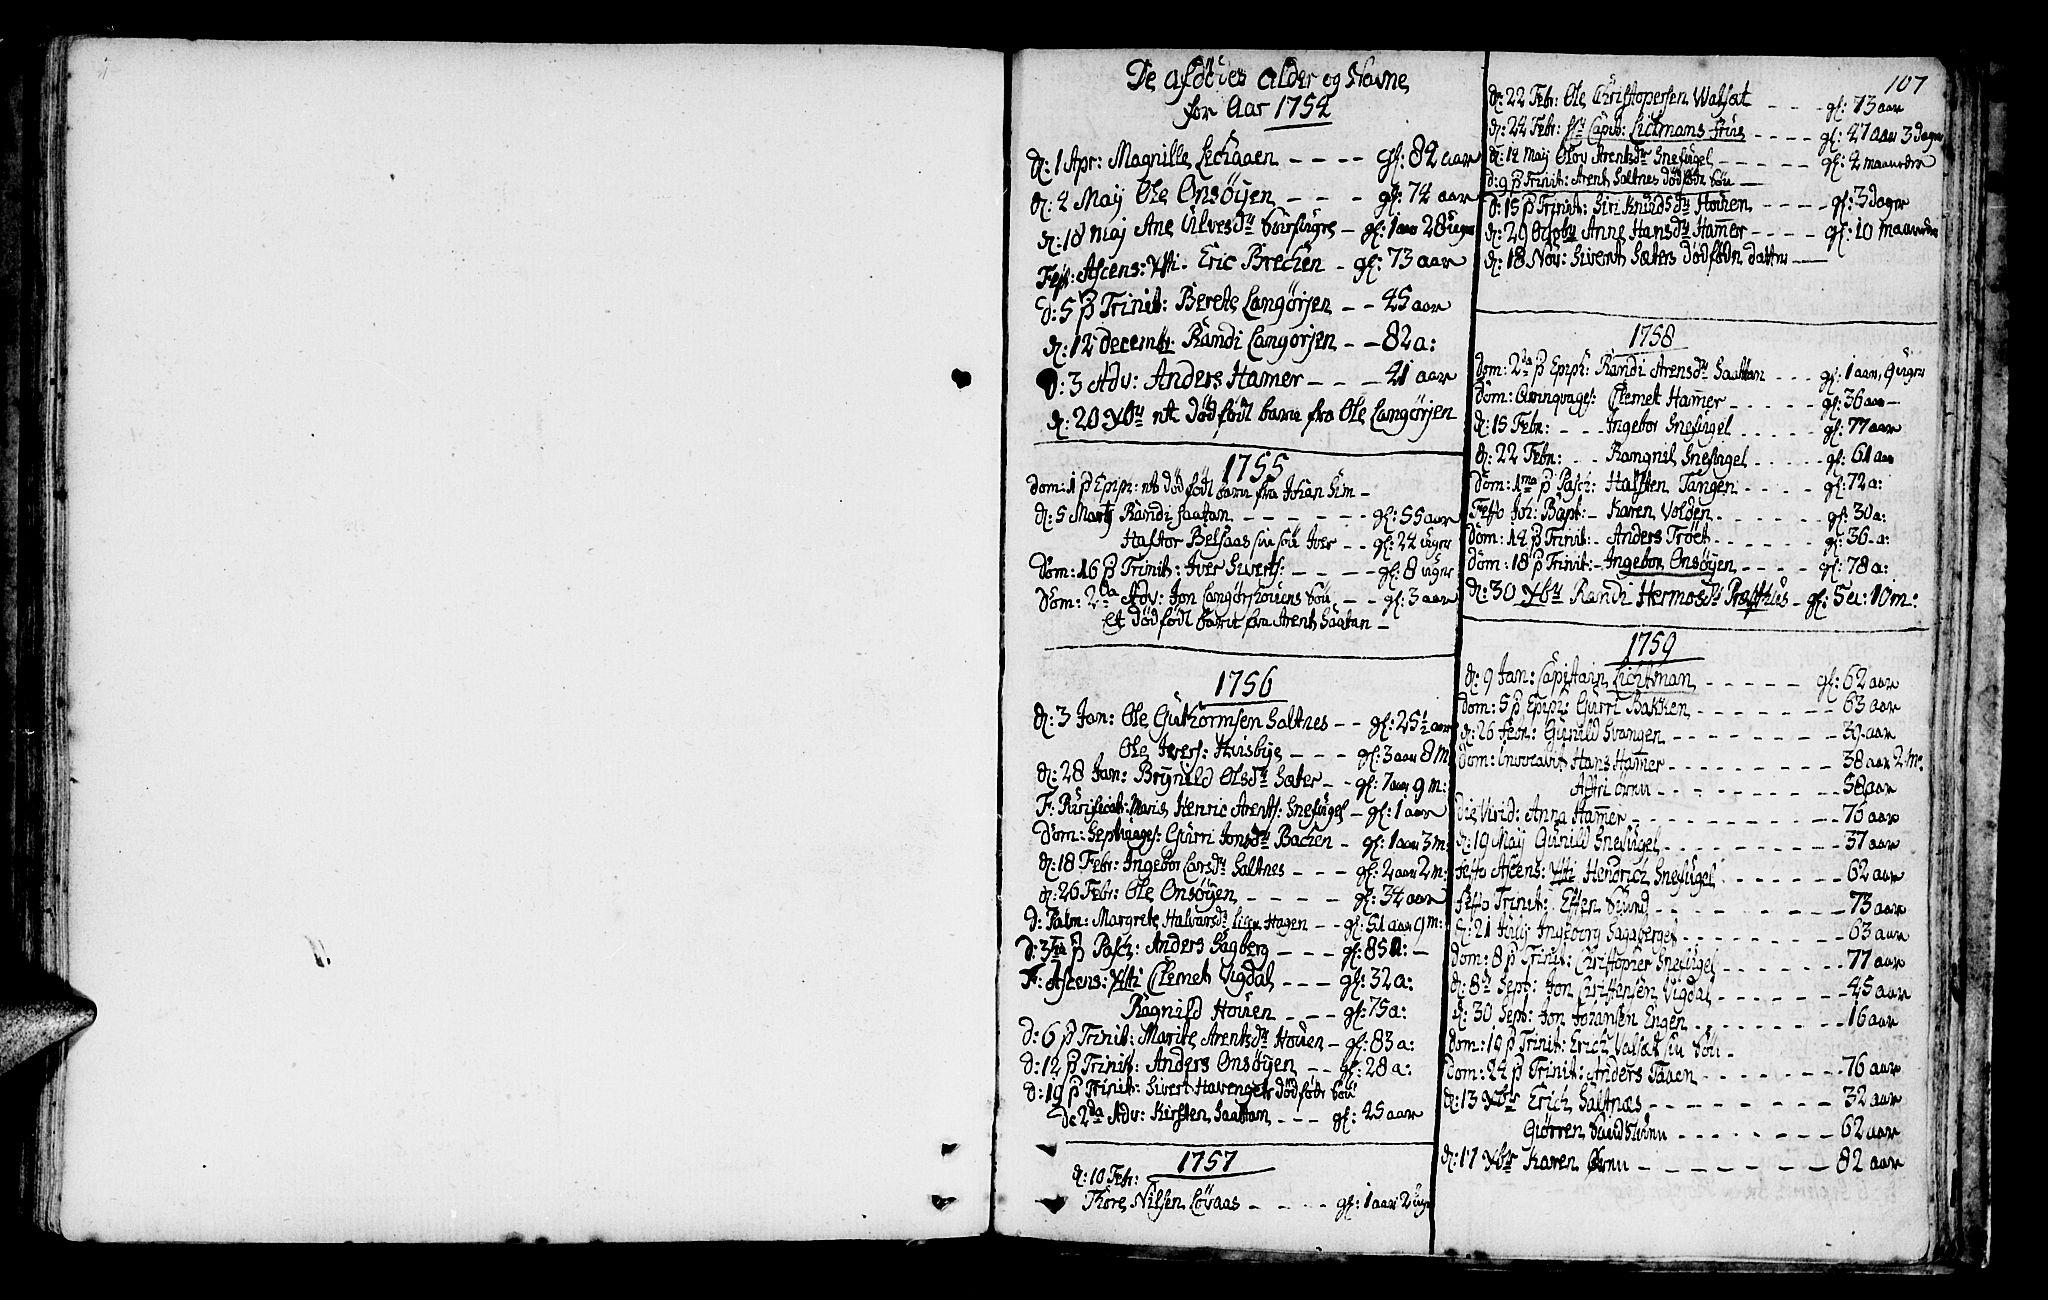 SAT, Ministerialprotokoller, klokkerbøker og fødselsregistre - Sør-Trøndelag, 666/L0784: Ministerialbok nr. 666A02, 1754-1802, s. 107